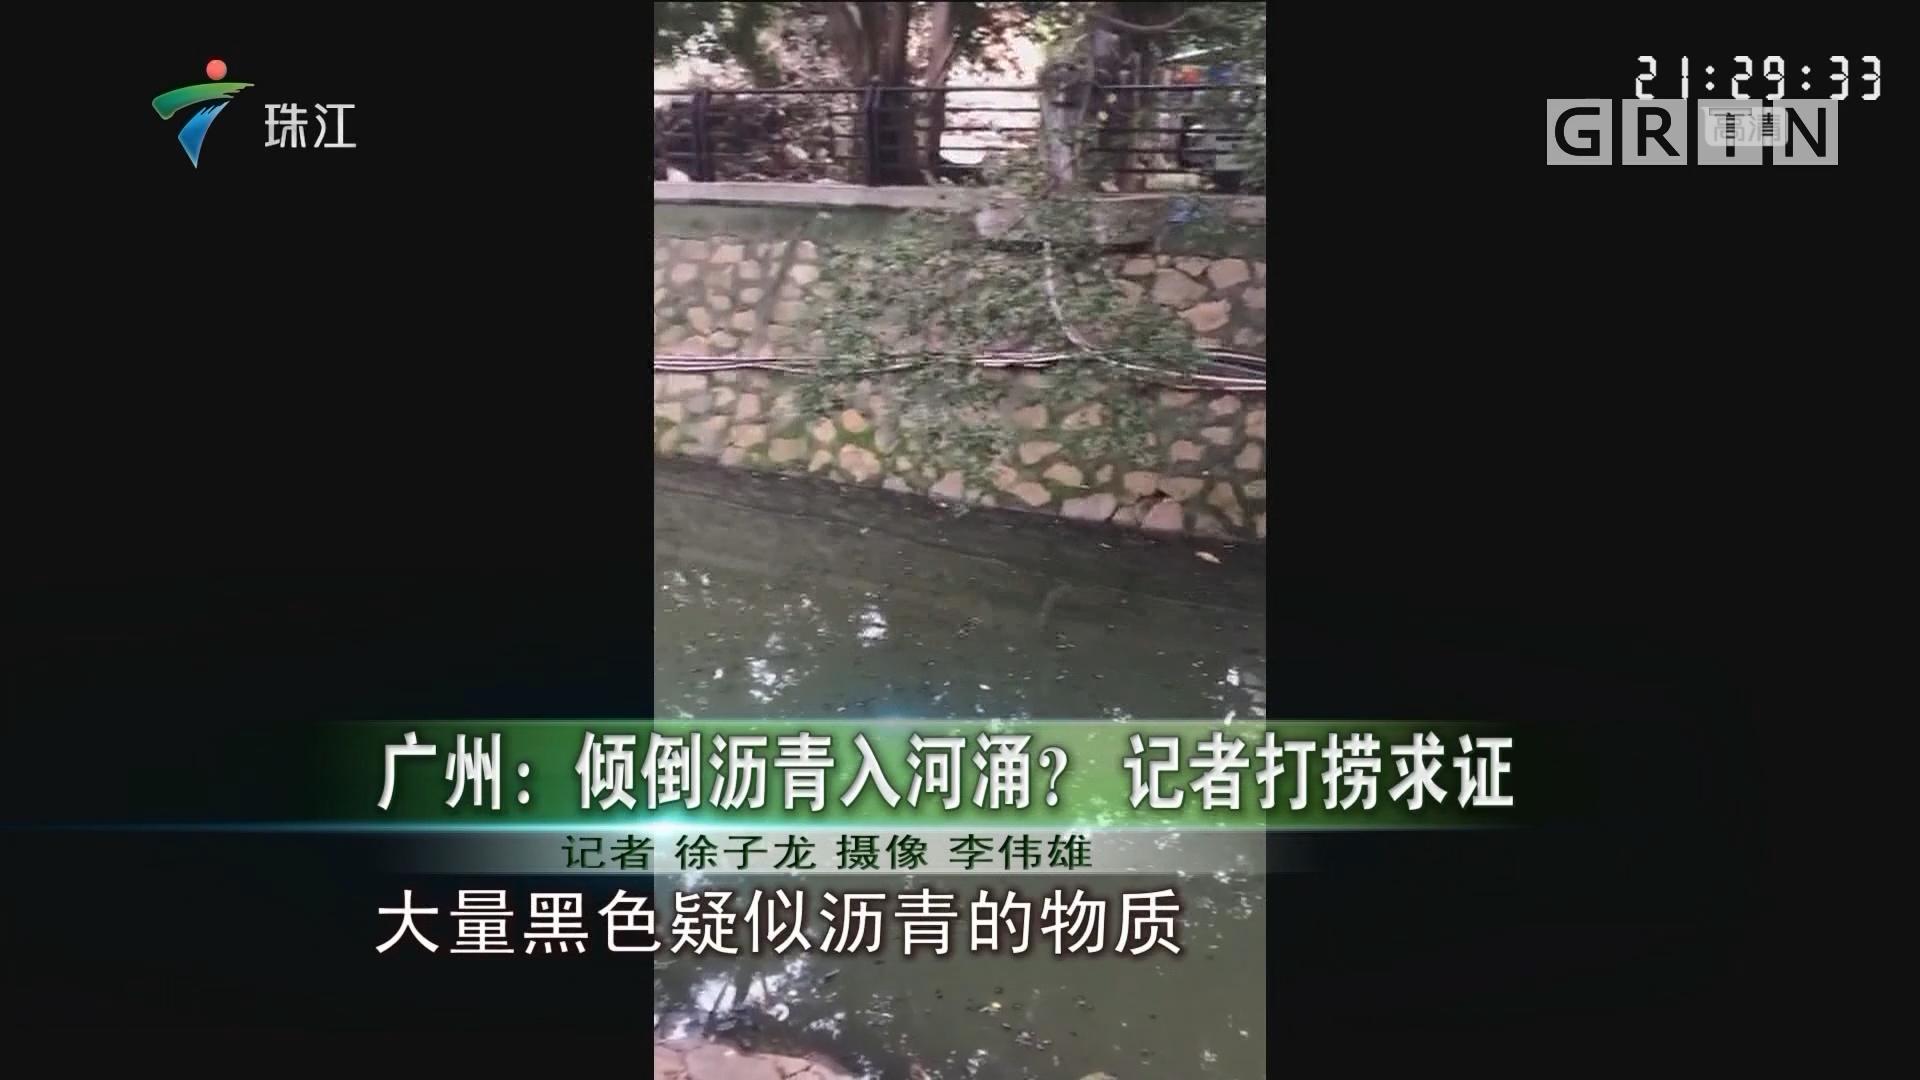 广州:倾倒沥青入河涌? 记者打捞求证